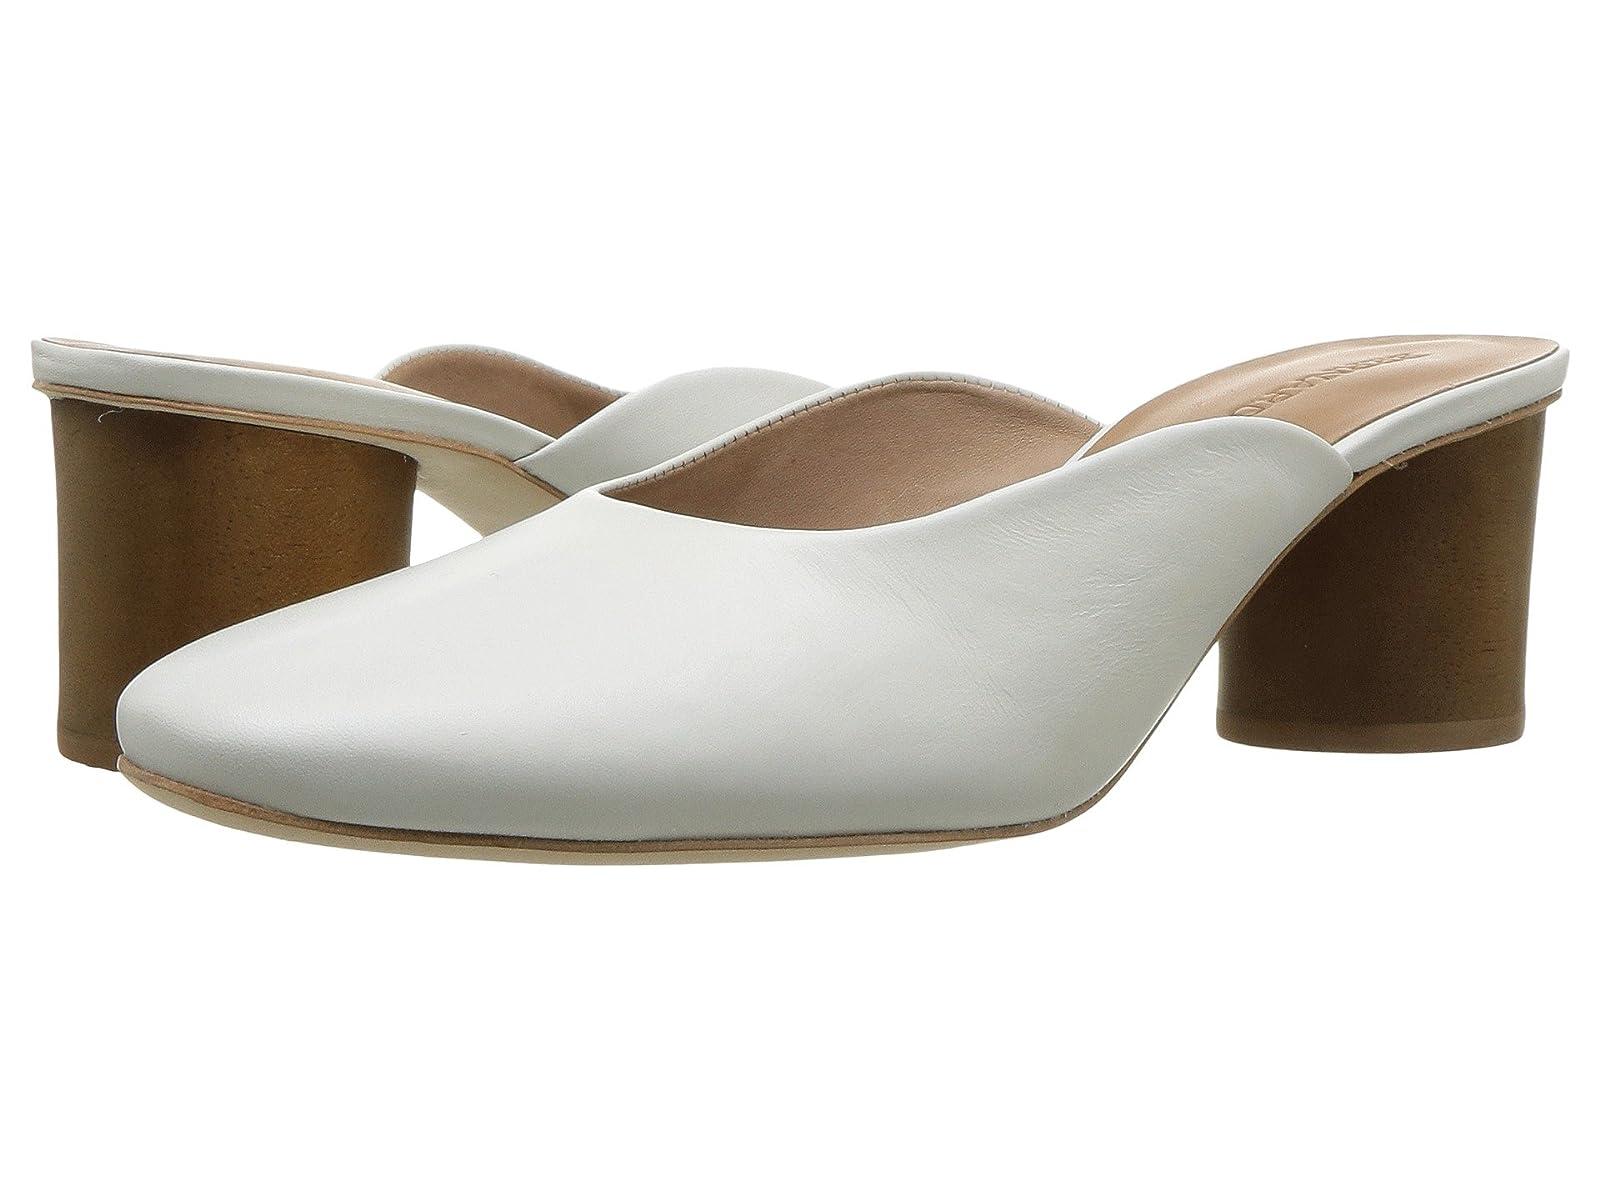 Bernardo IrenaEconomical and quality shoes